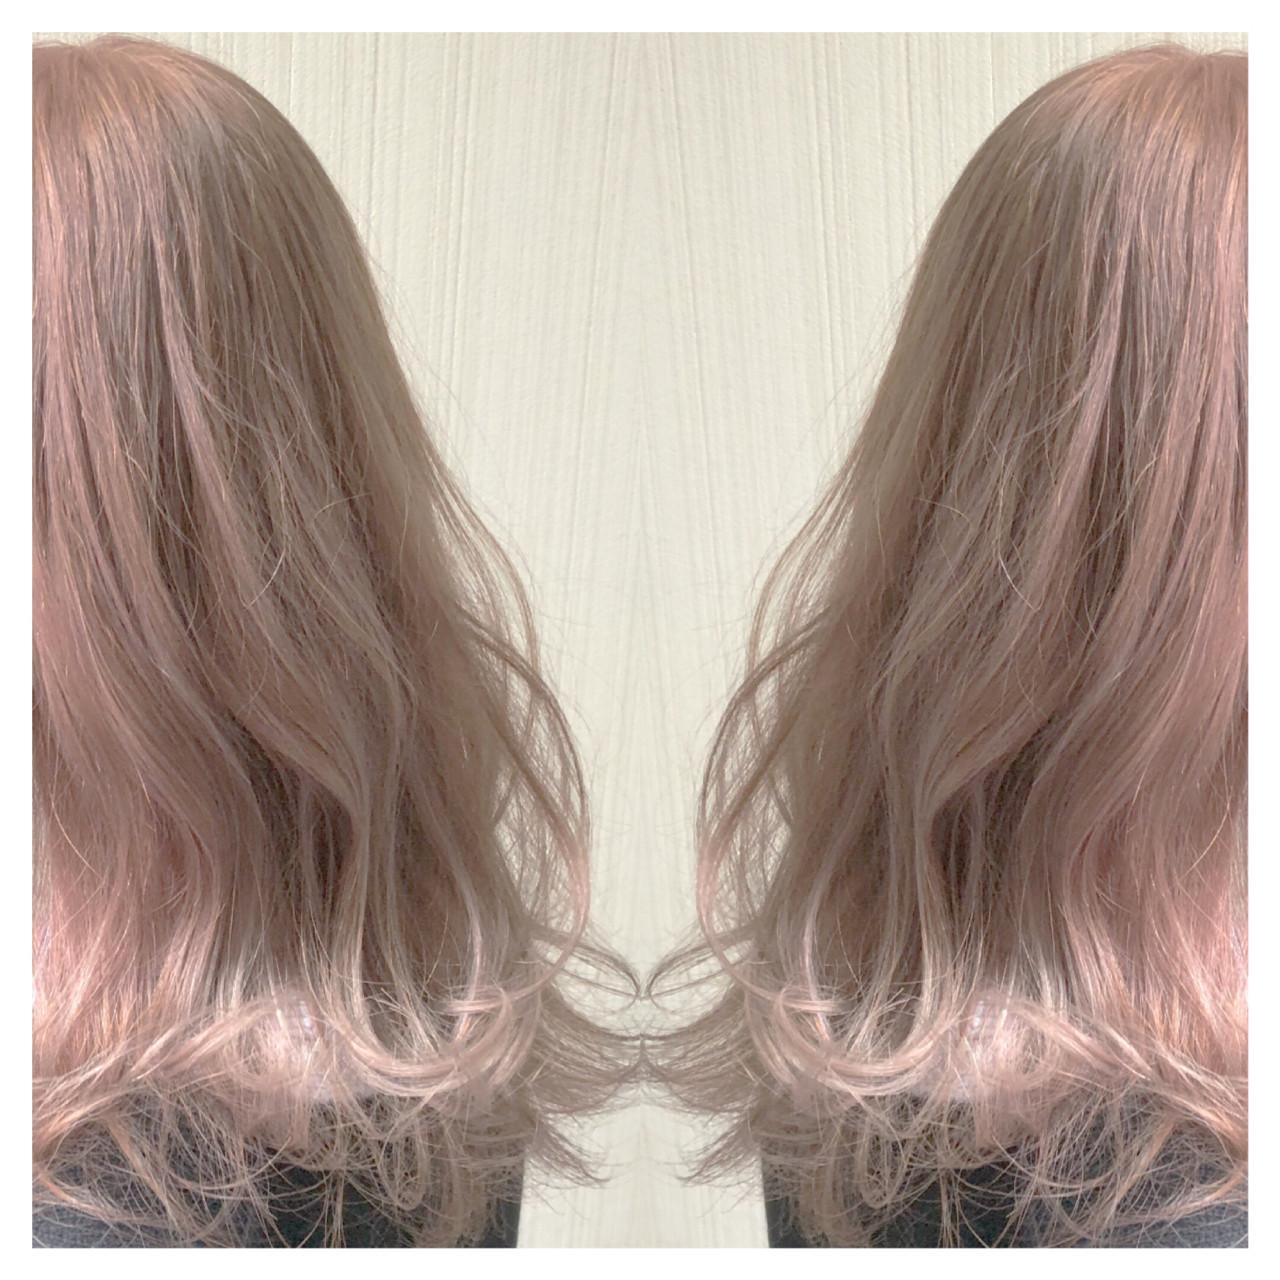 アンニュイほつれヘア ピンクベージュ セミロング 透明感カラー ヘアスタイルや髪型の写真・画像   クラ / TOMCAT